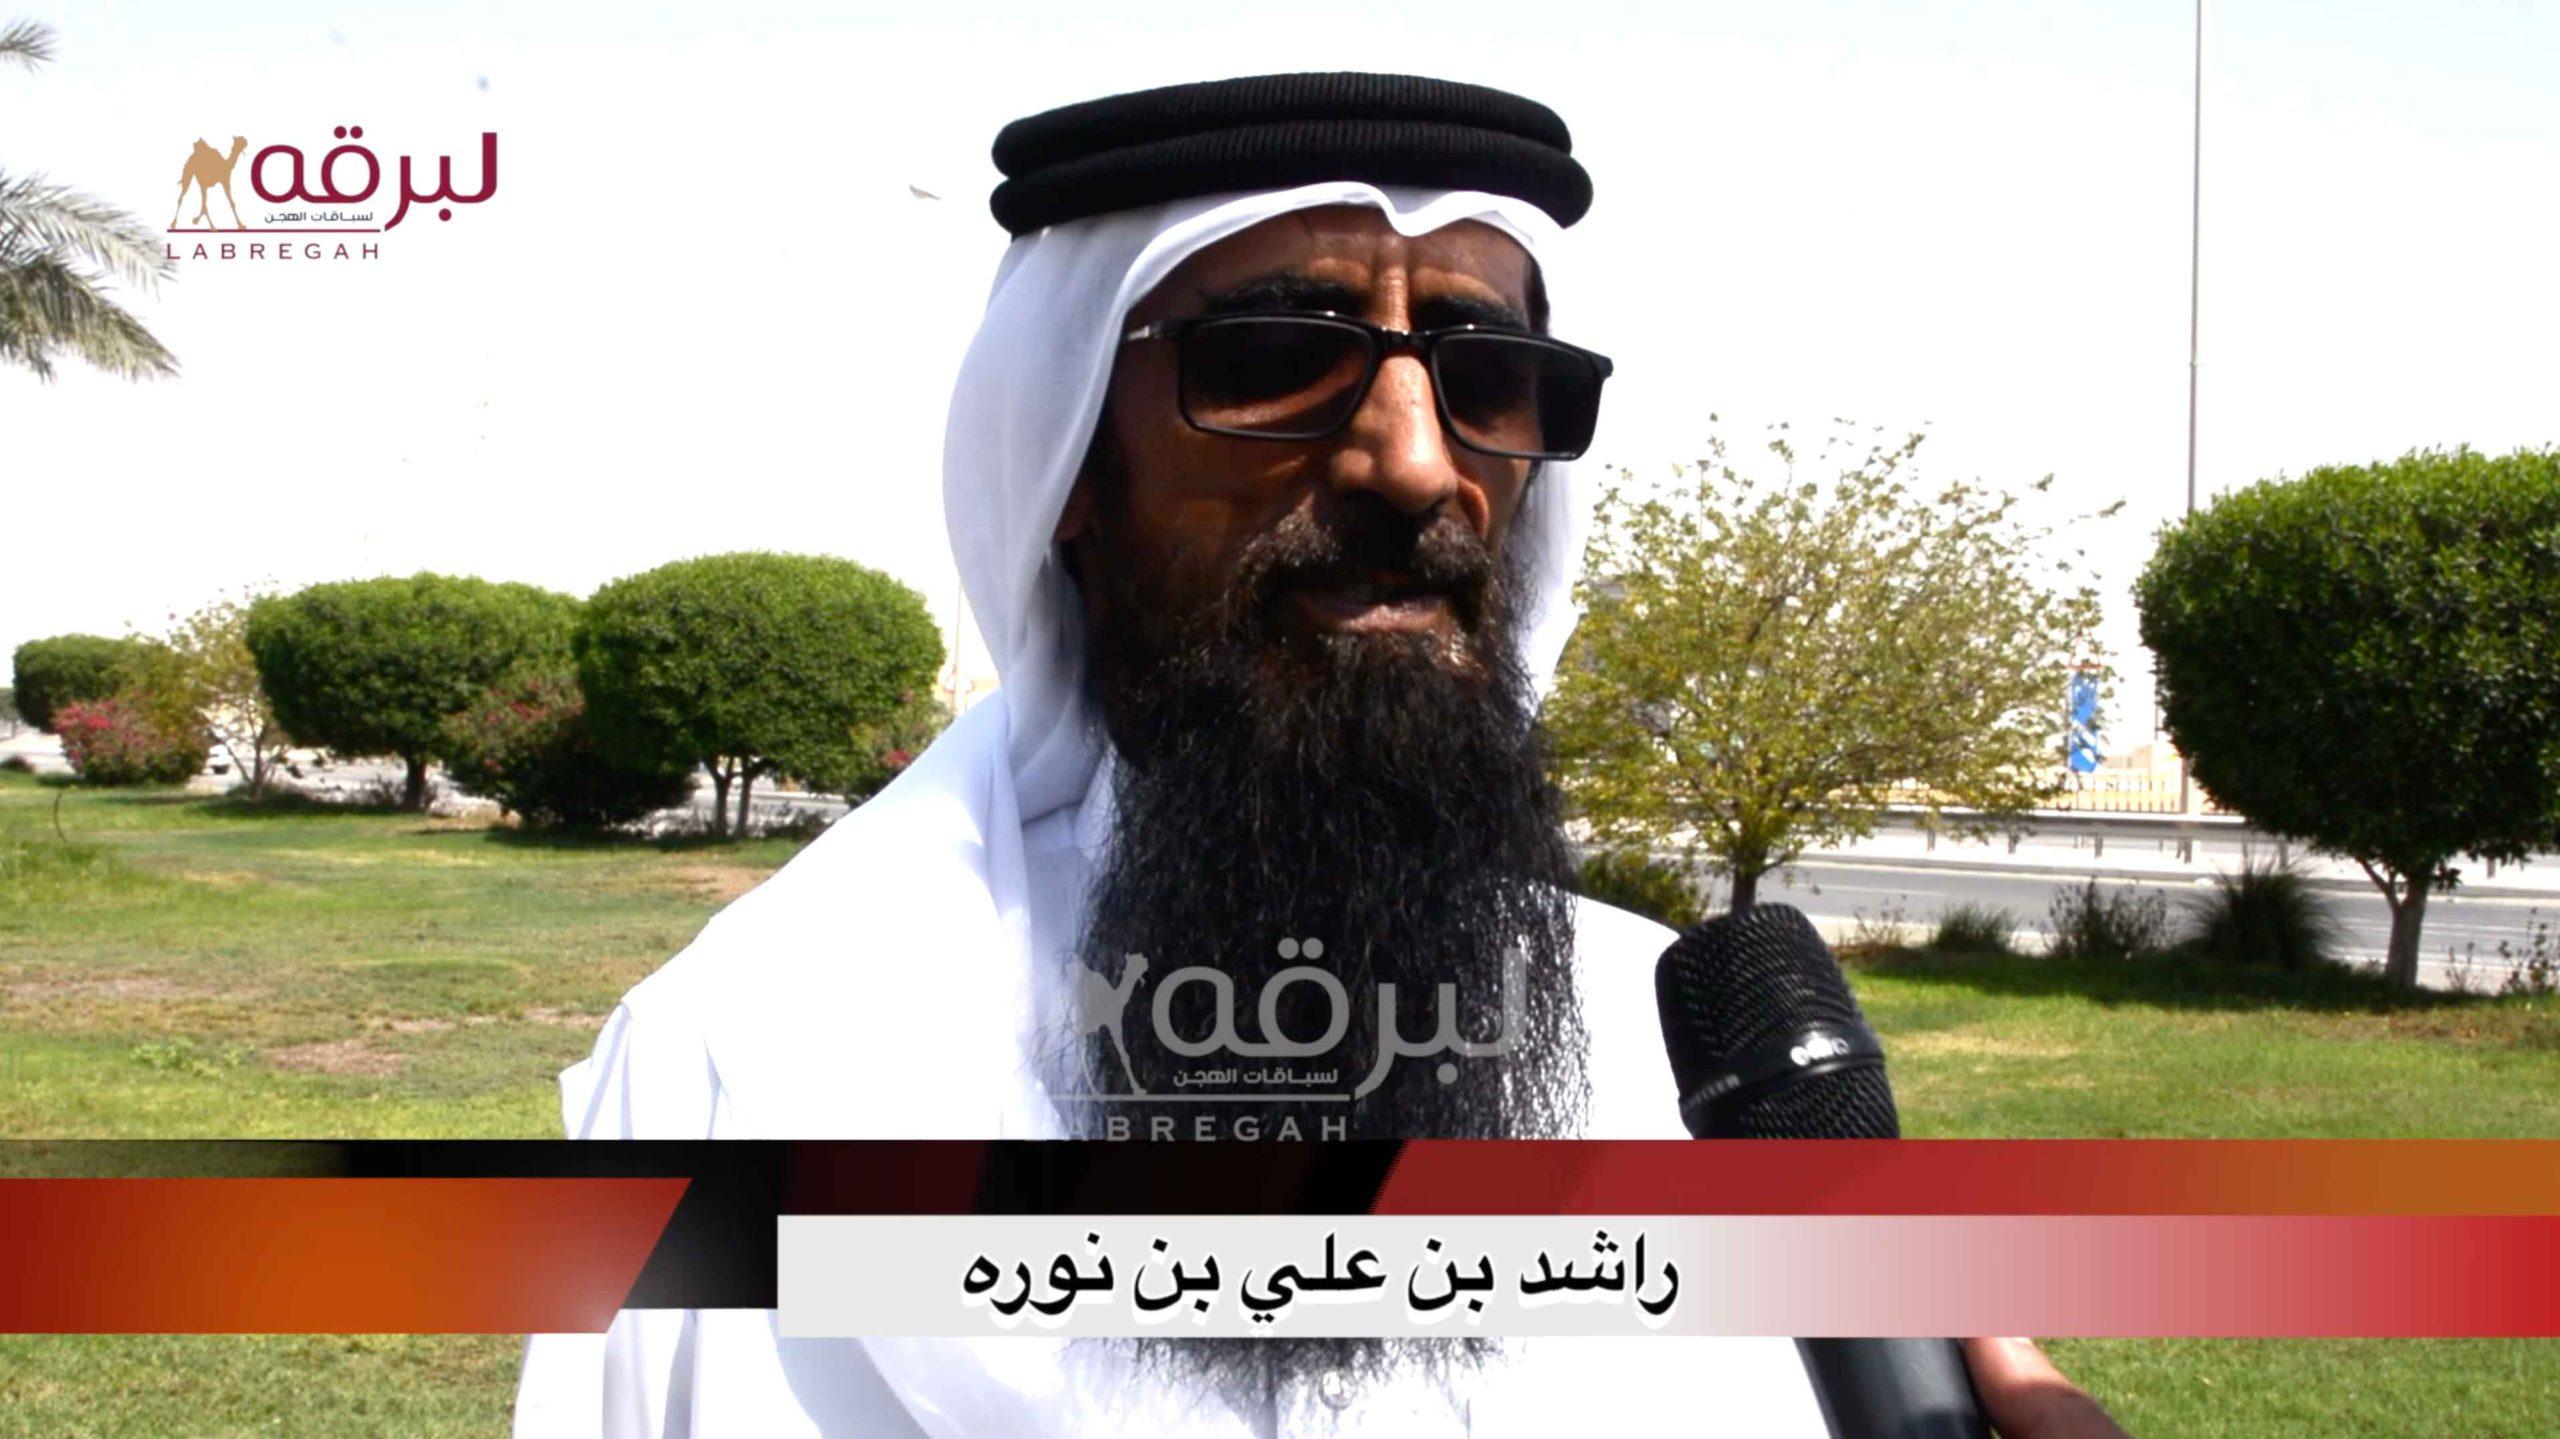 لقاء مع راشد بن علي بن نوره.. الشوط الرئيسي للقايا قعدان إنتاج صباح ٢١-٩-٢٠٢٠